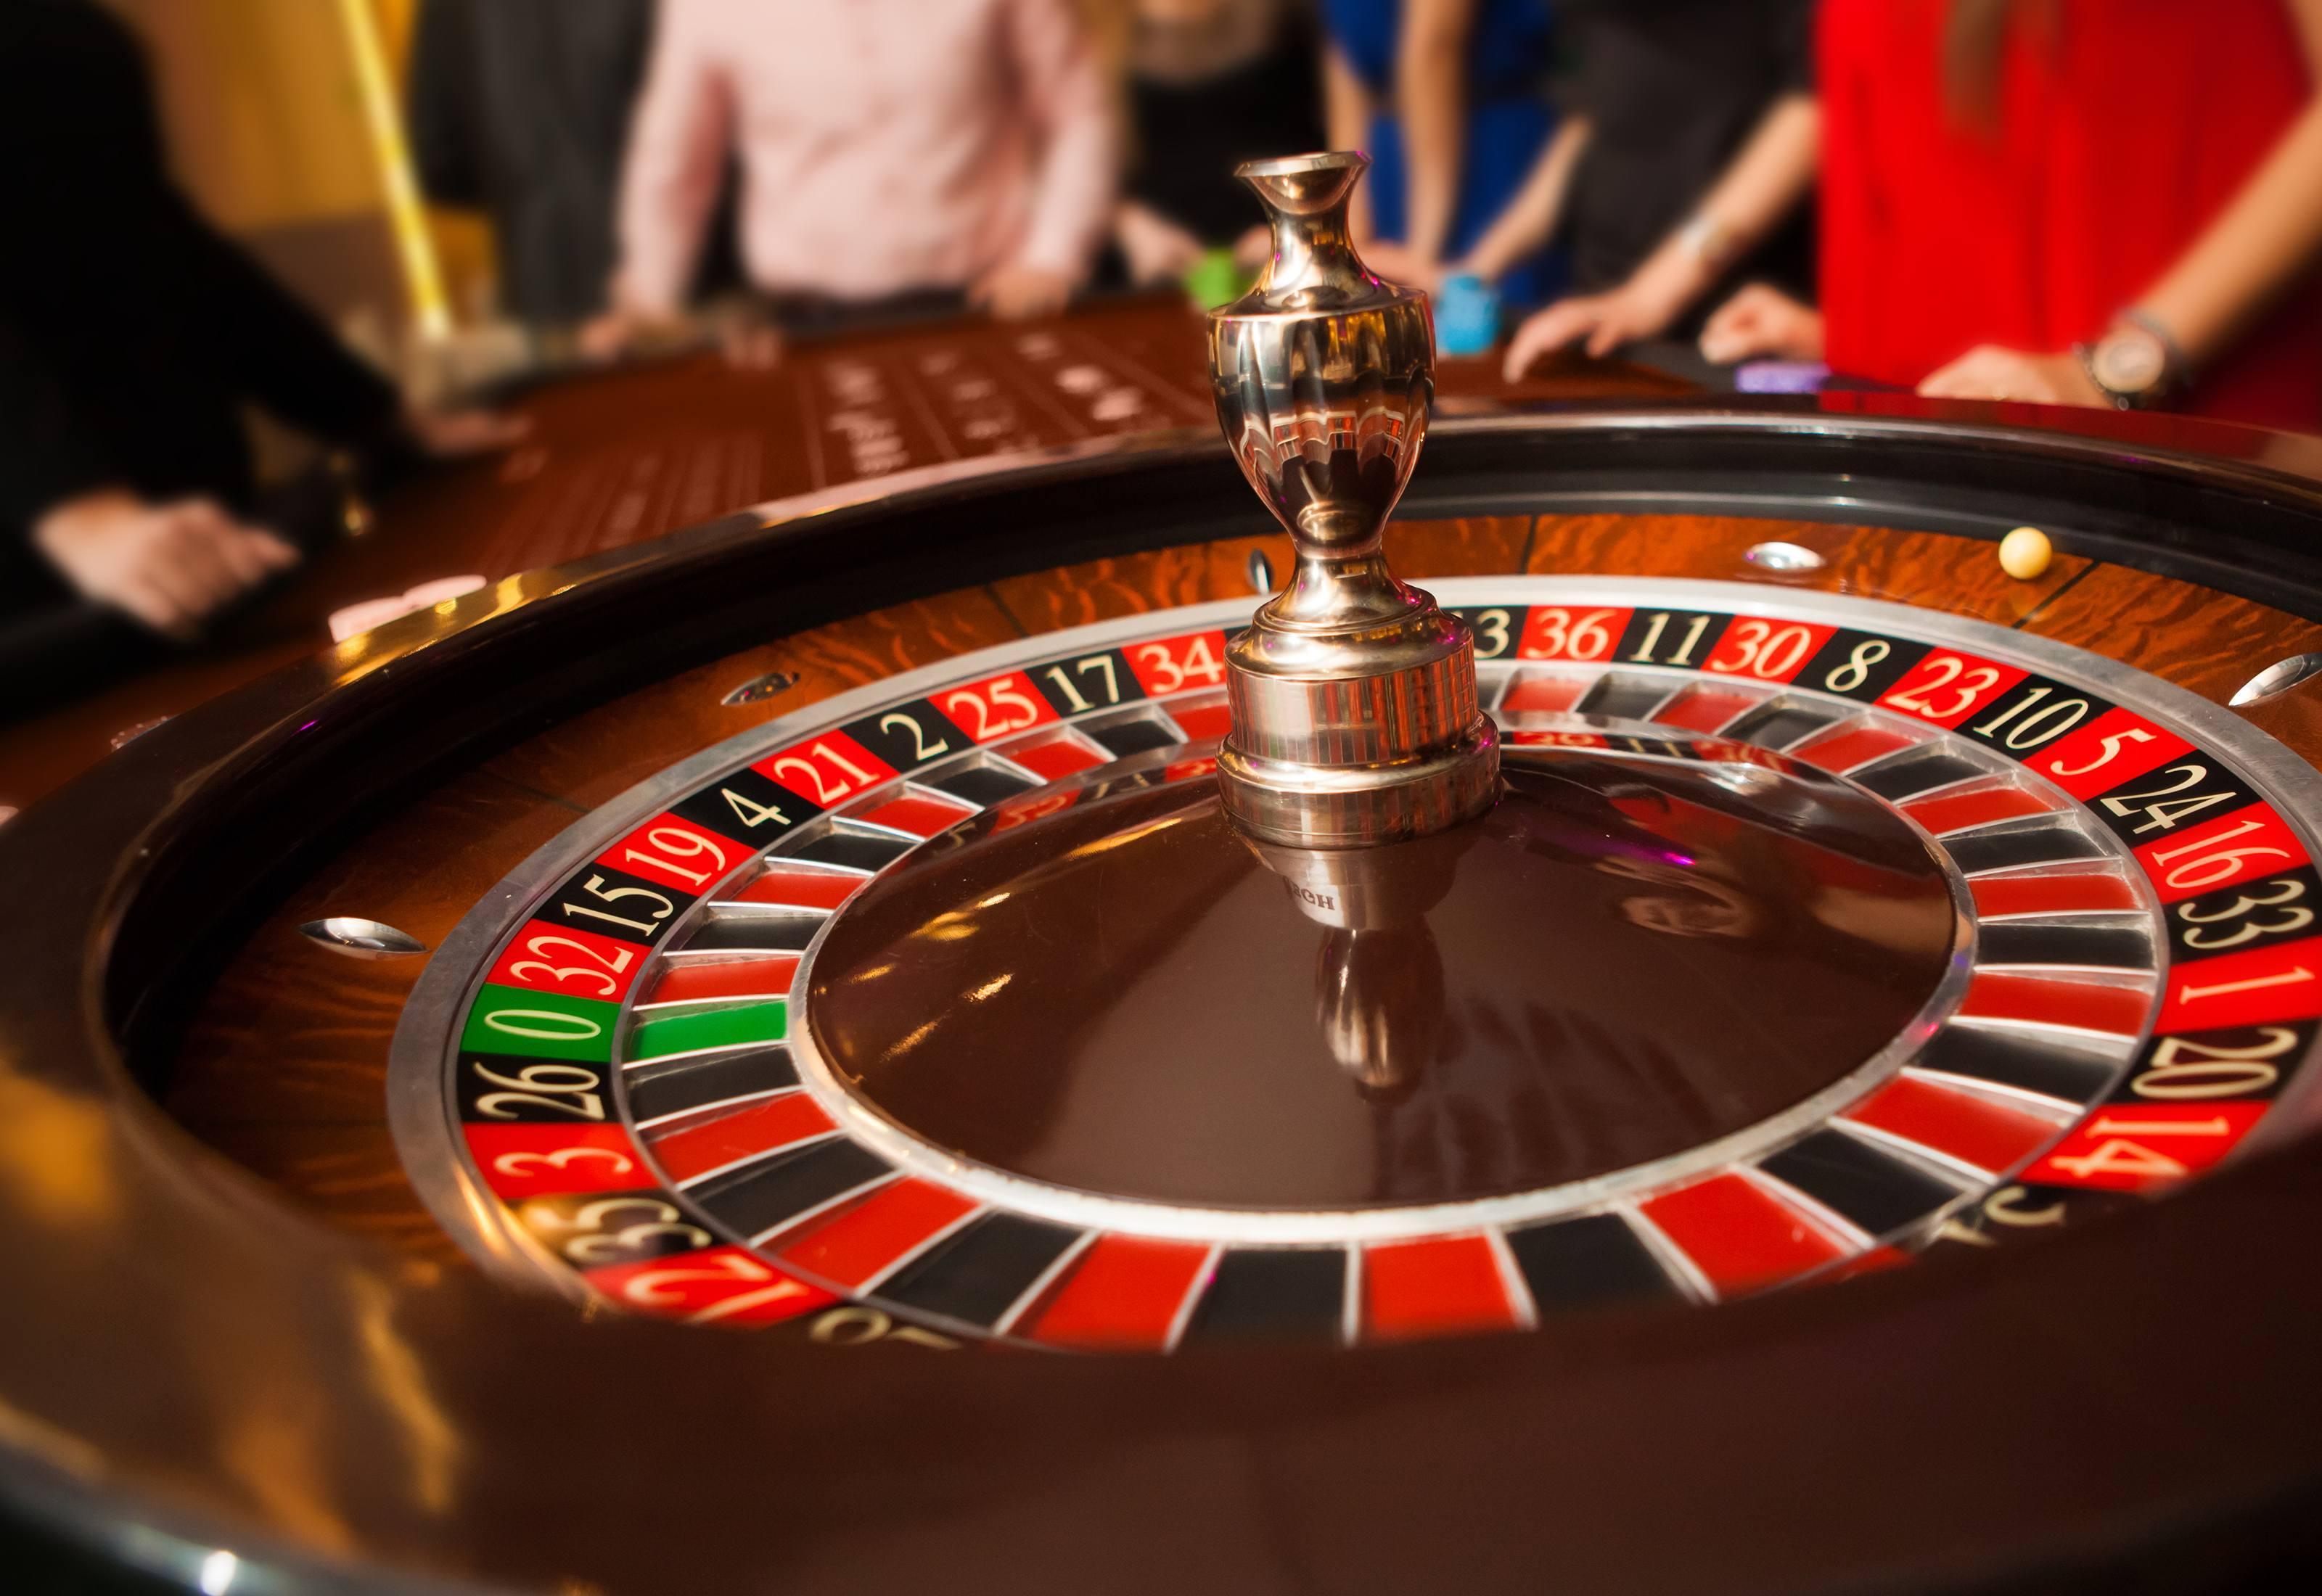 La roulette pour les plus novices dans les casinos